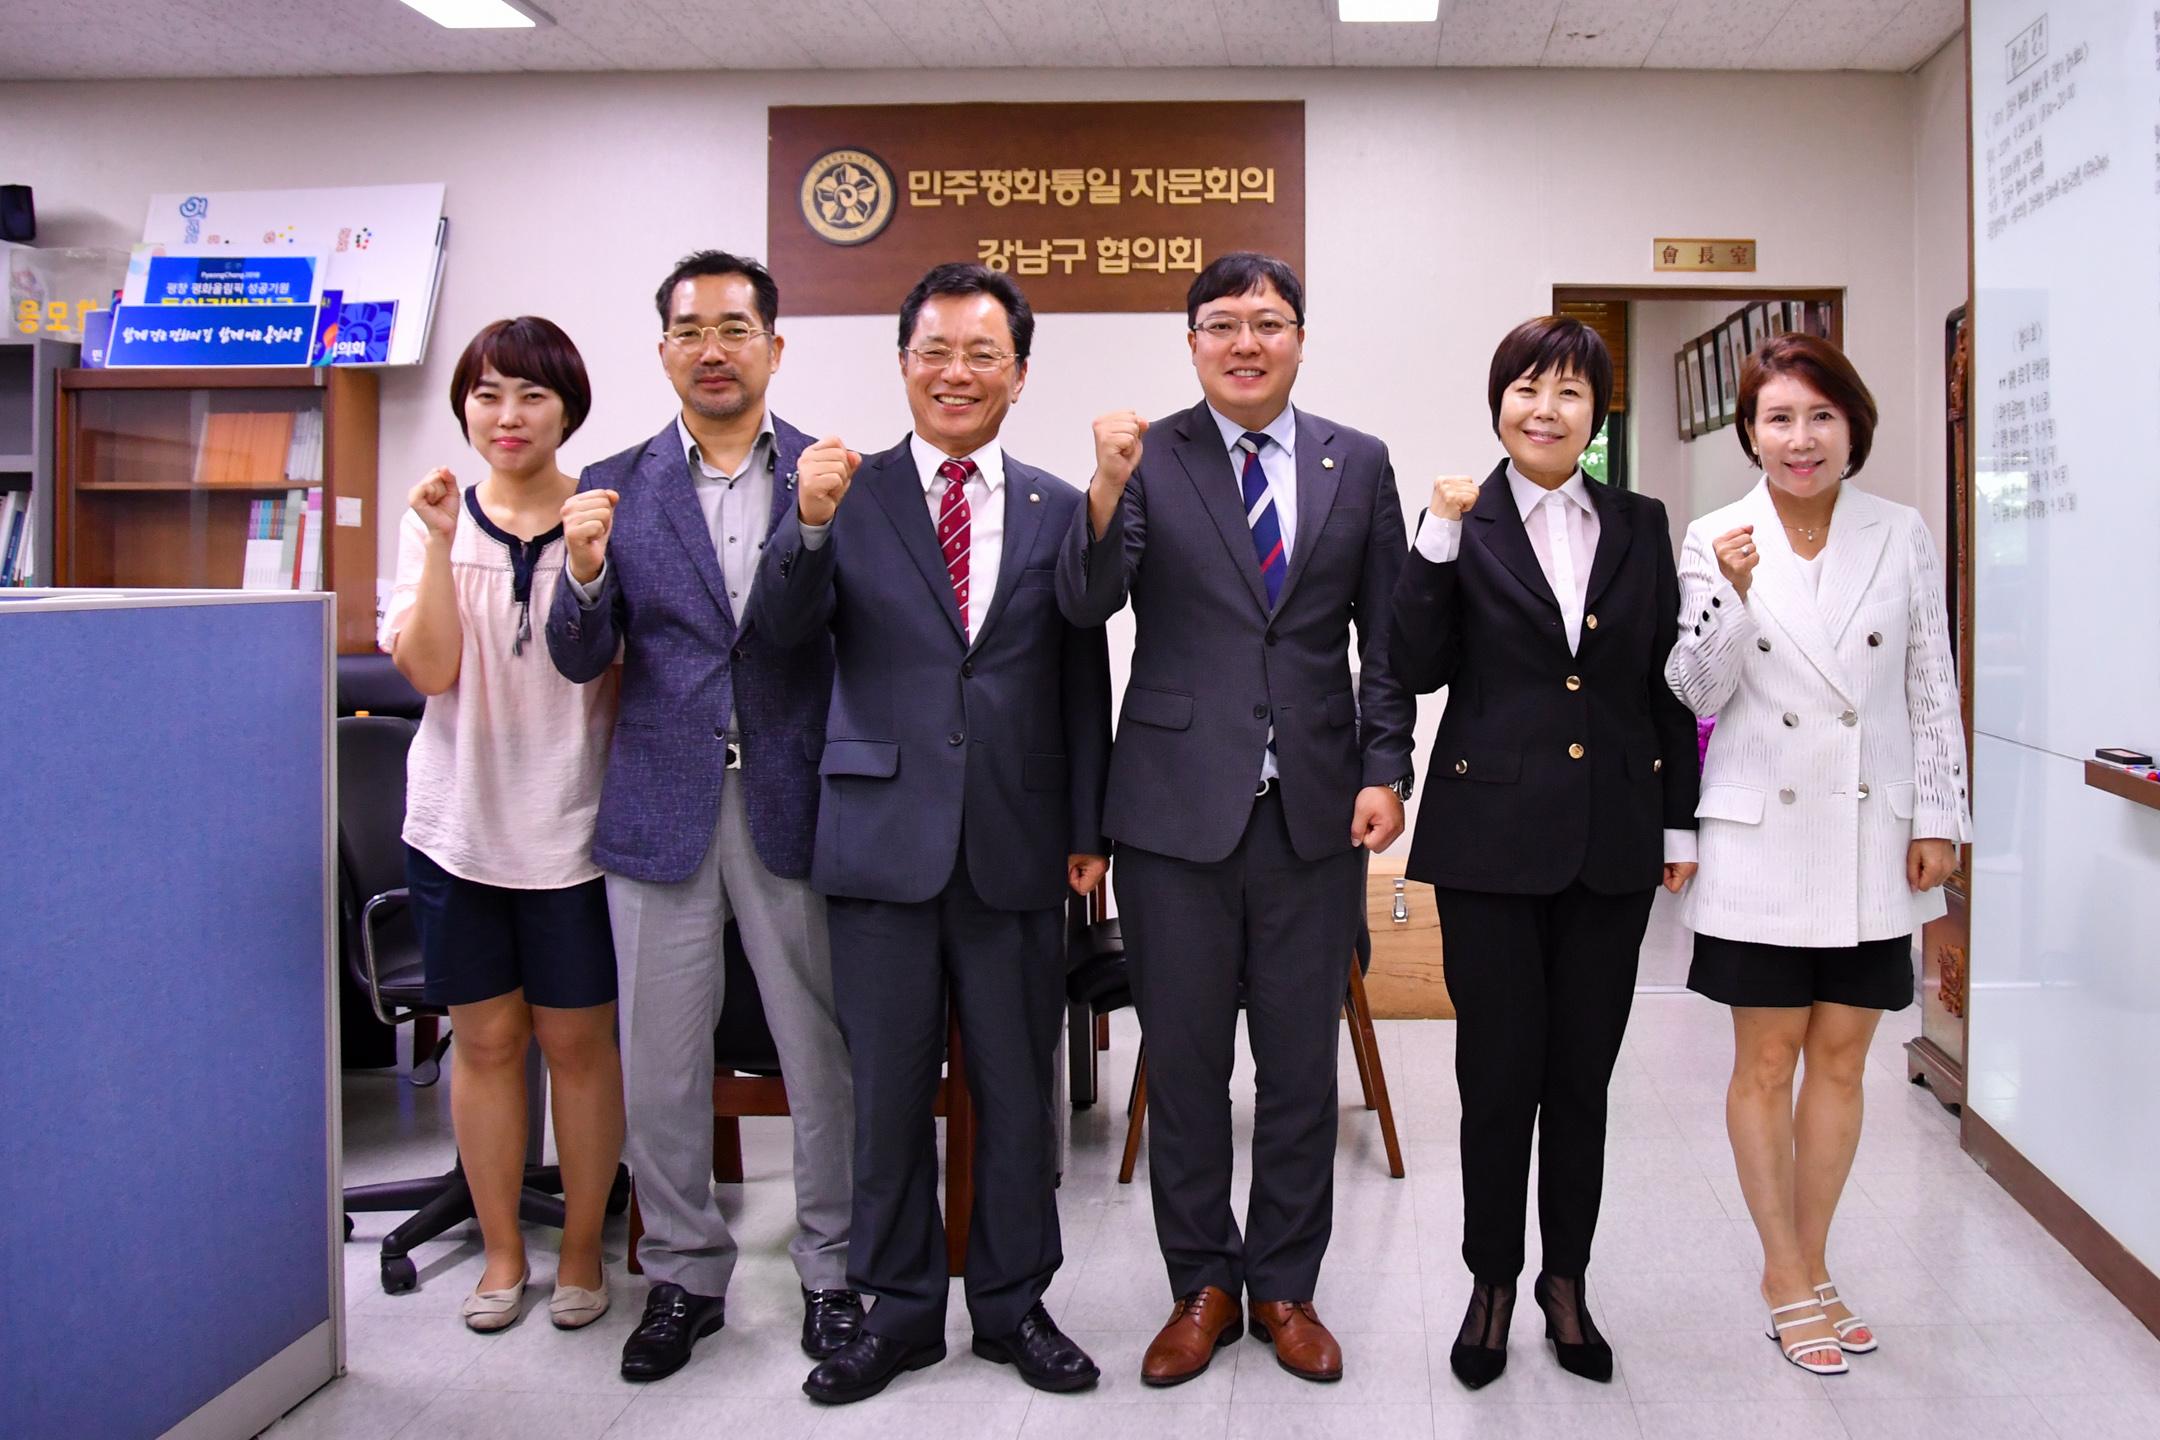 제19기 민주평통 강남구협의회 예방 GNC_8347.jpg